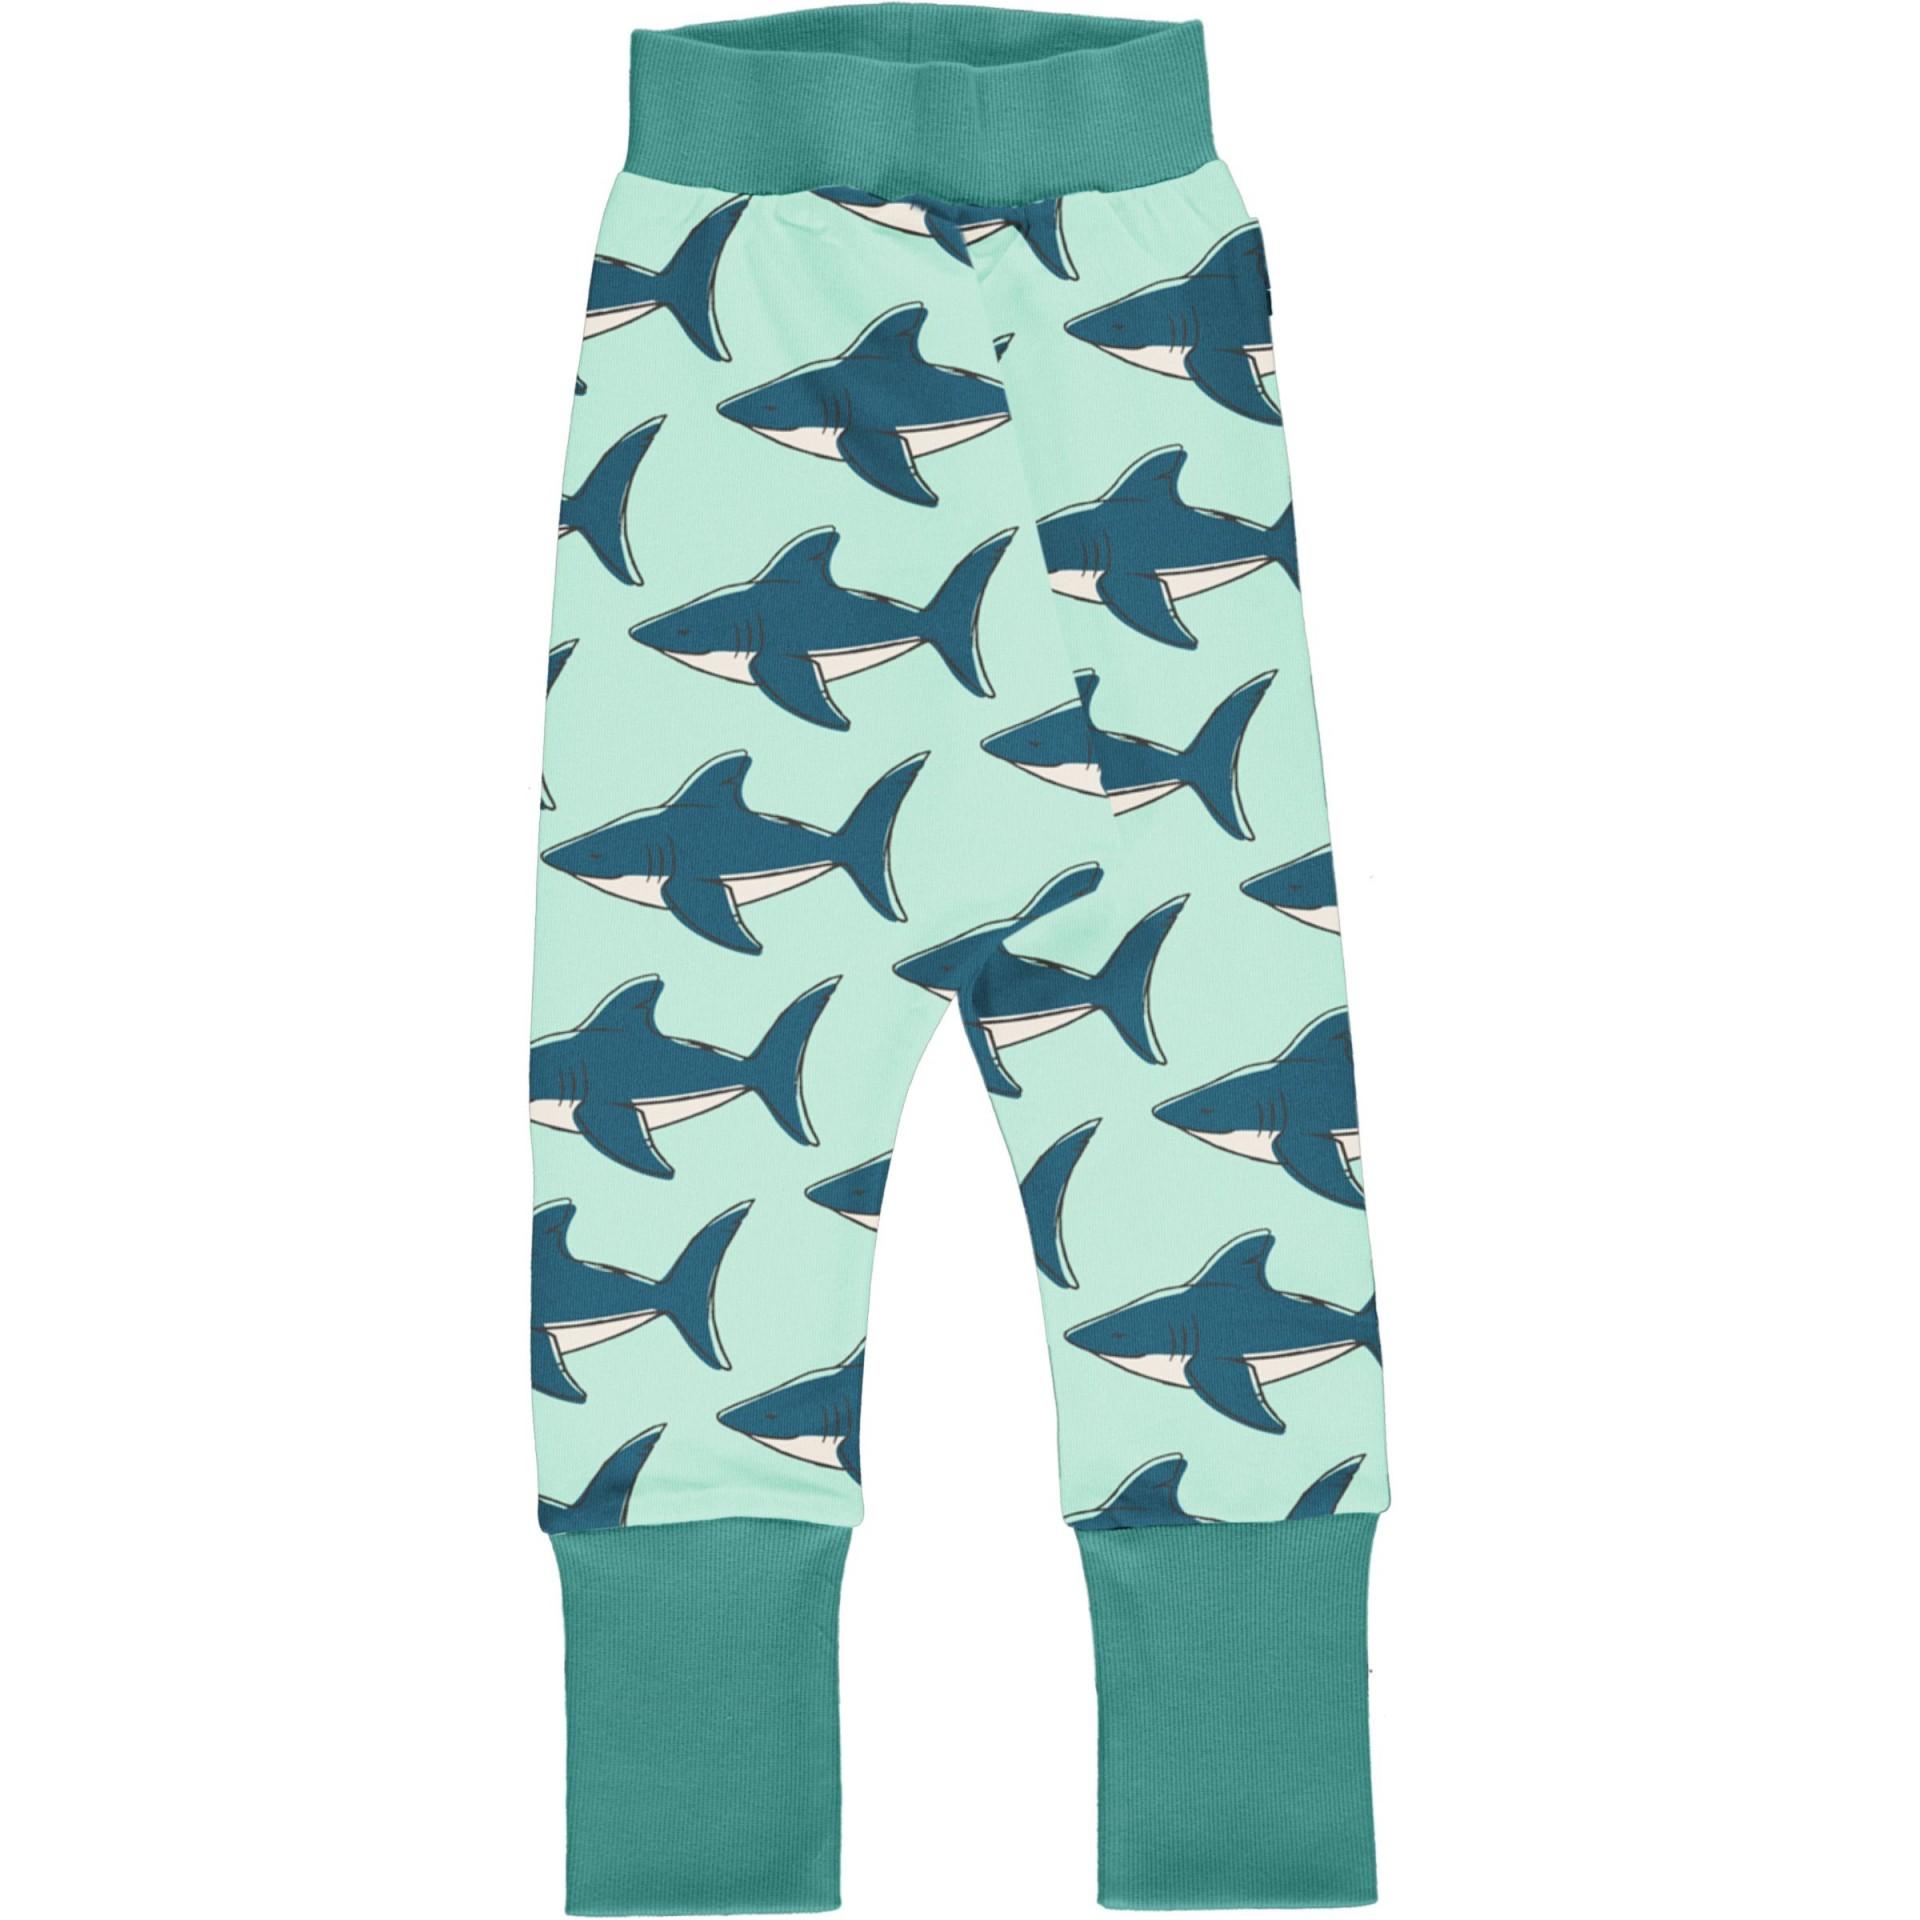 Calças de sweat SHARK Maxomorra (Tamanhos disponíveis 3-6m)